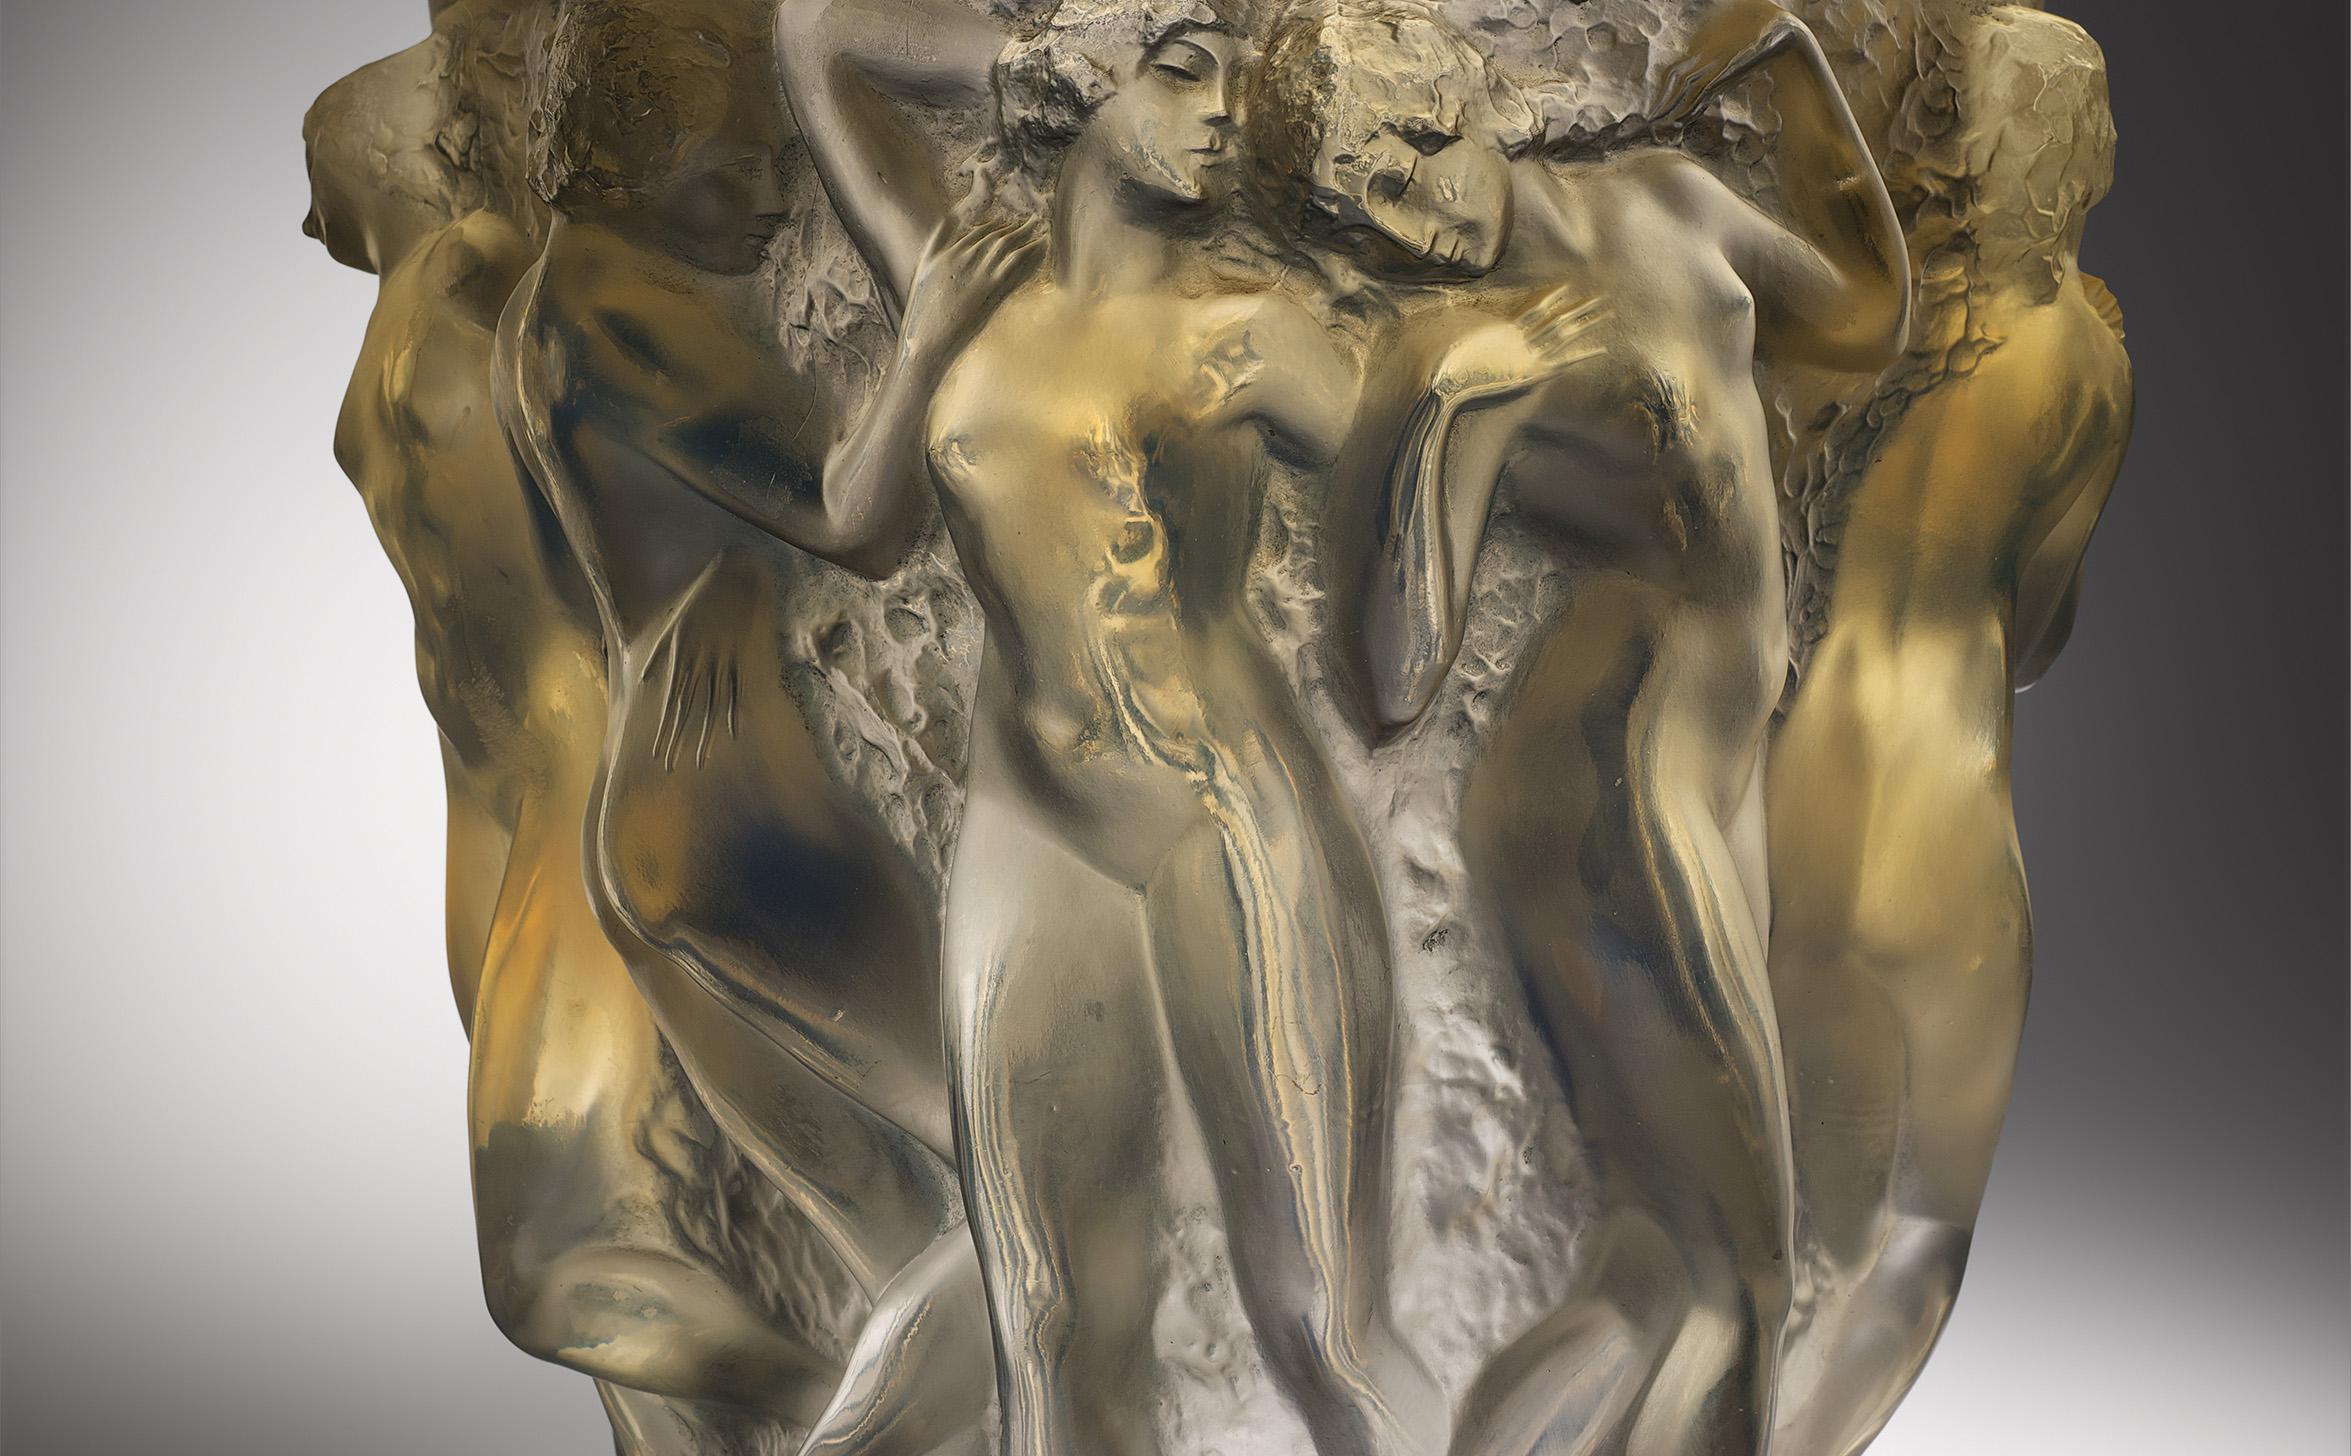 René Lalique, vaas Bacchantes, 1927, privécollectie (foto: Gemeentemuseum)